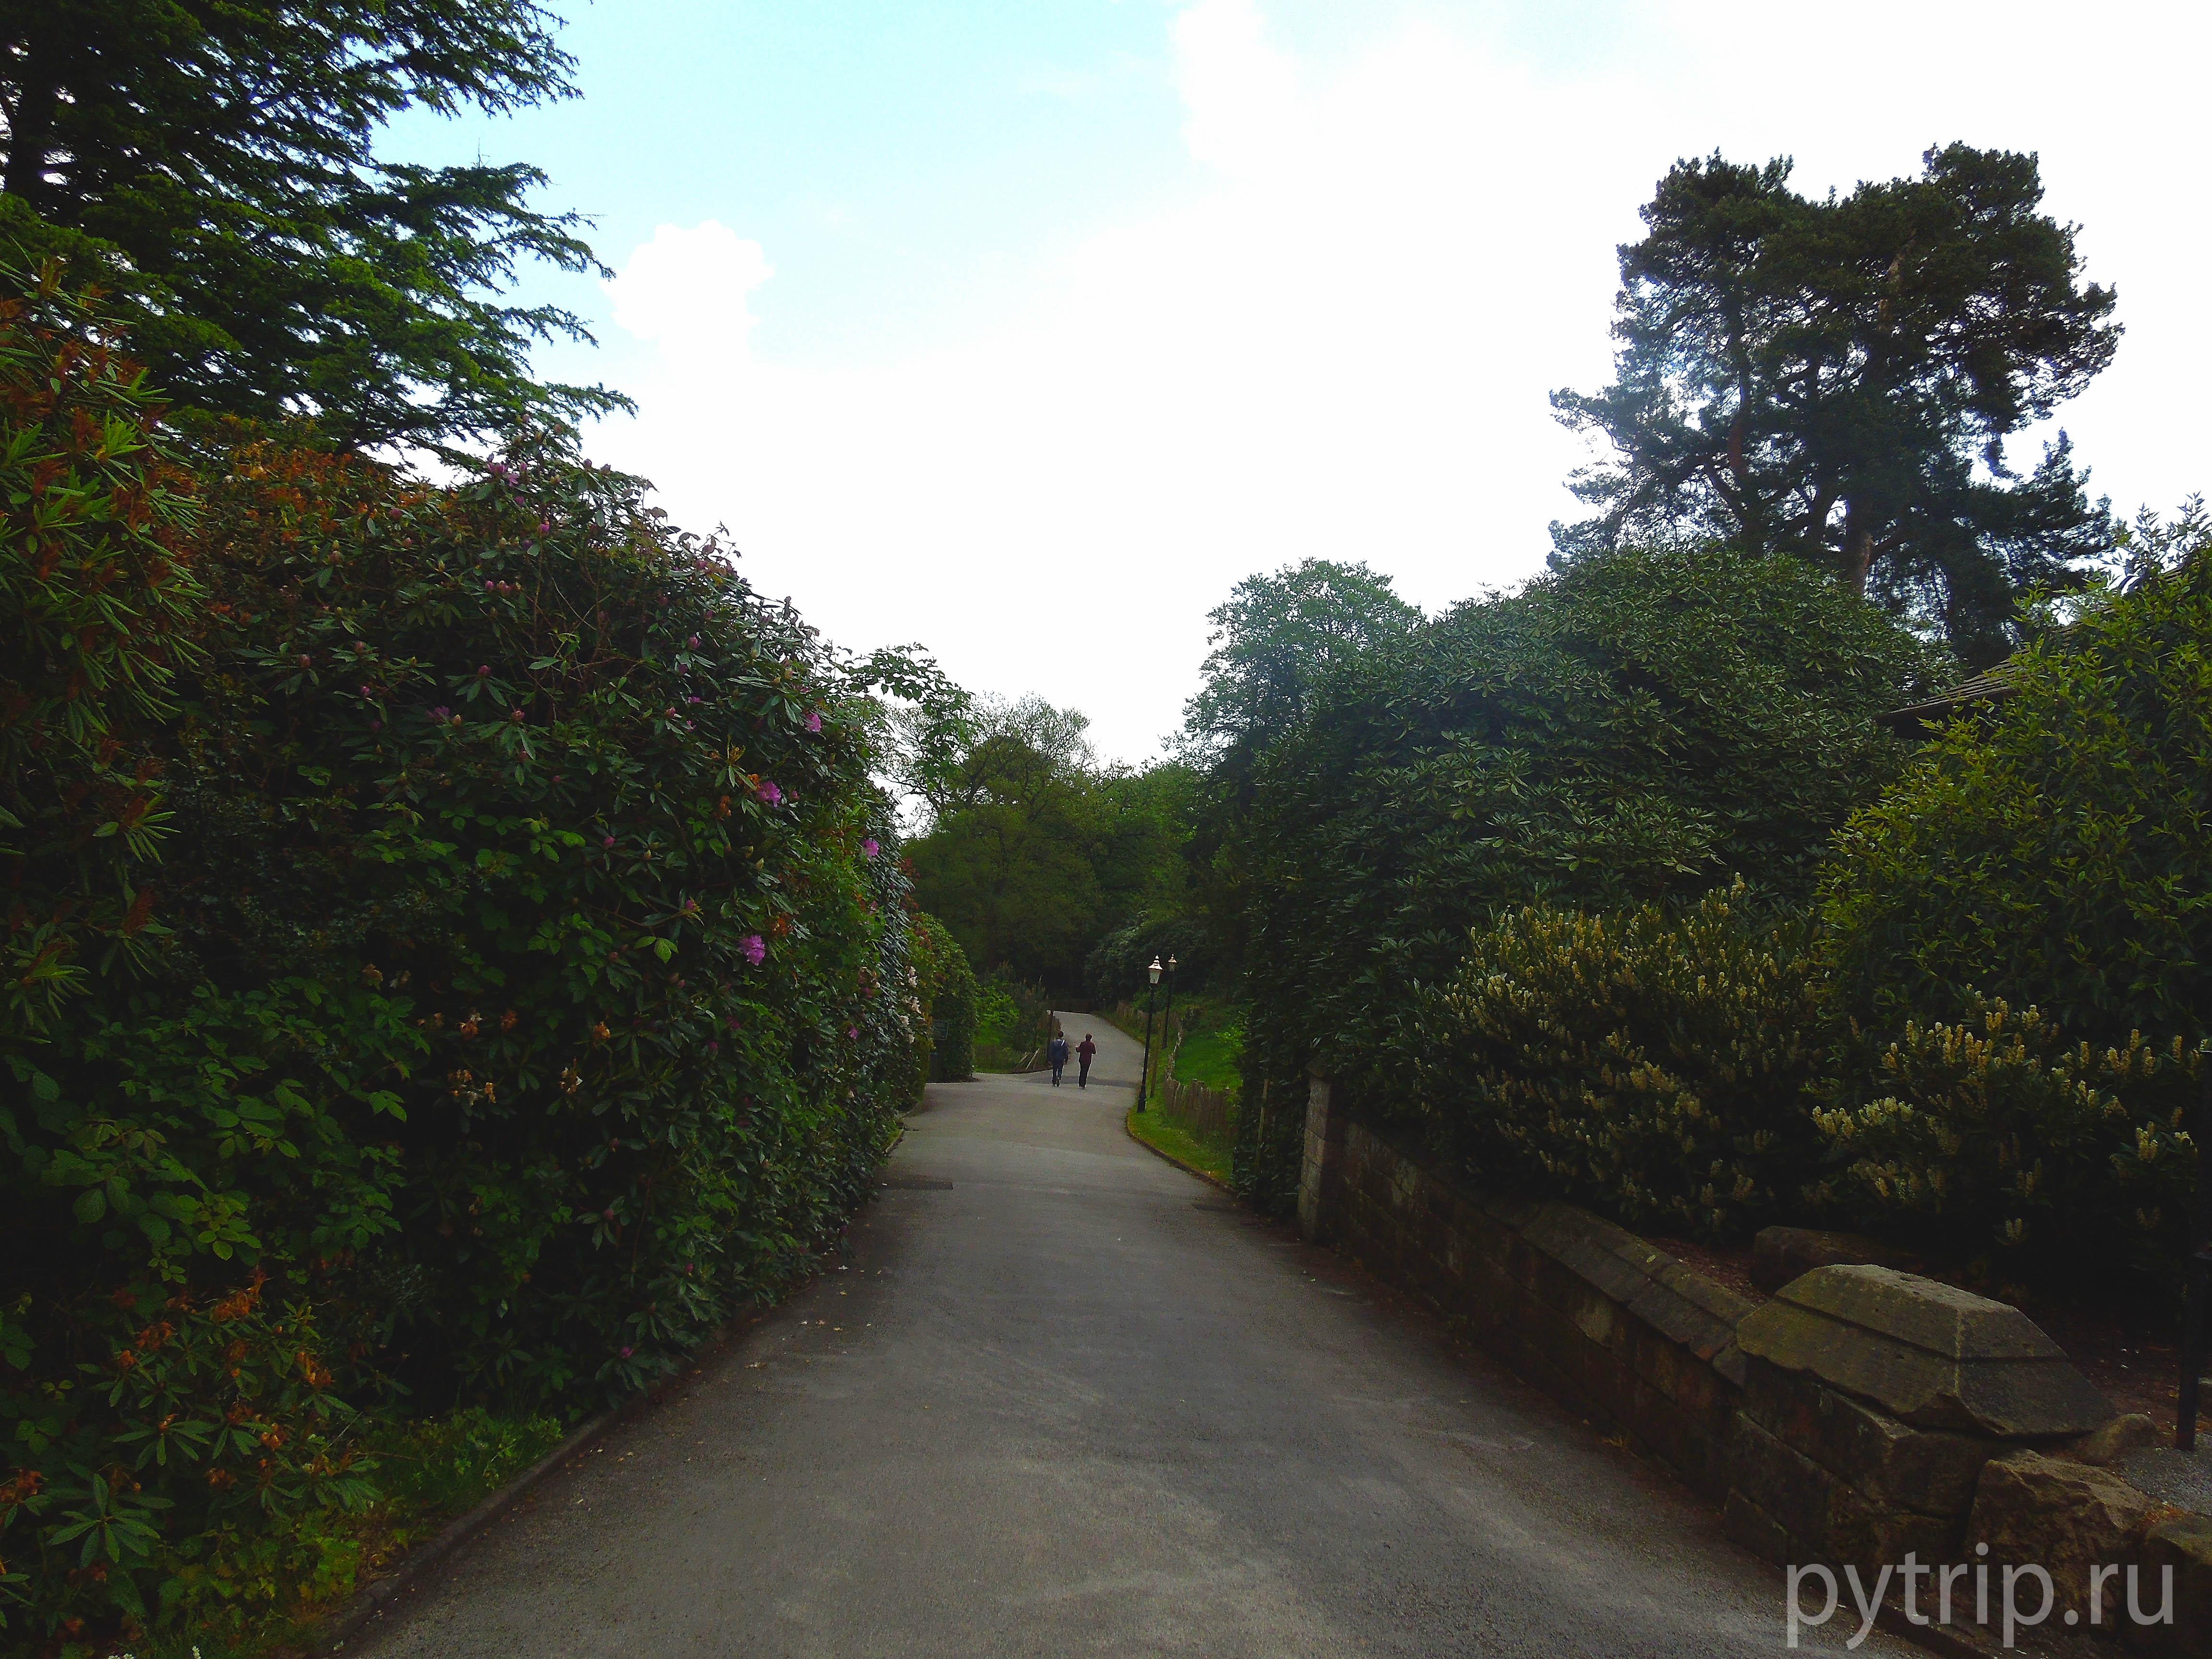 Дорога в сад Alton